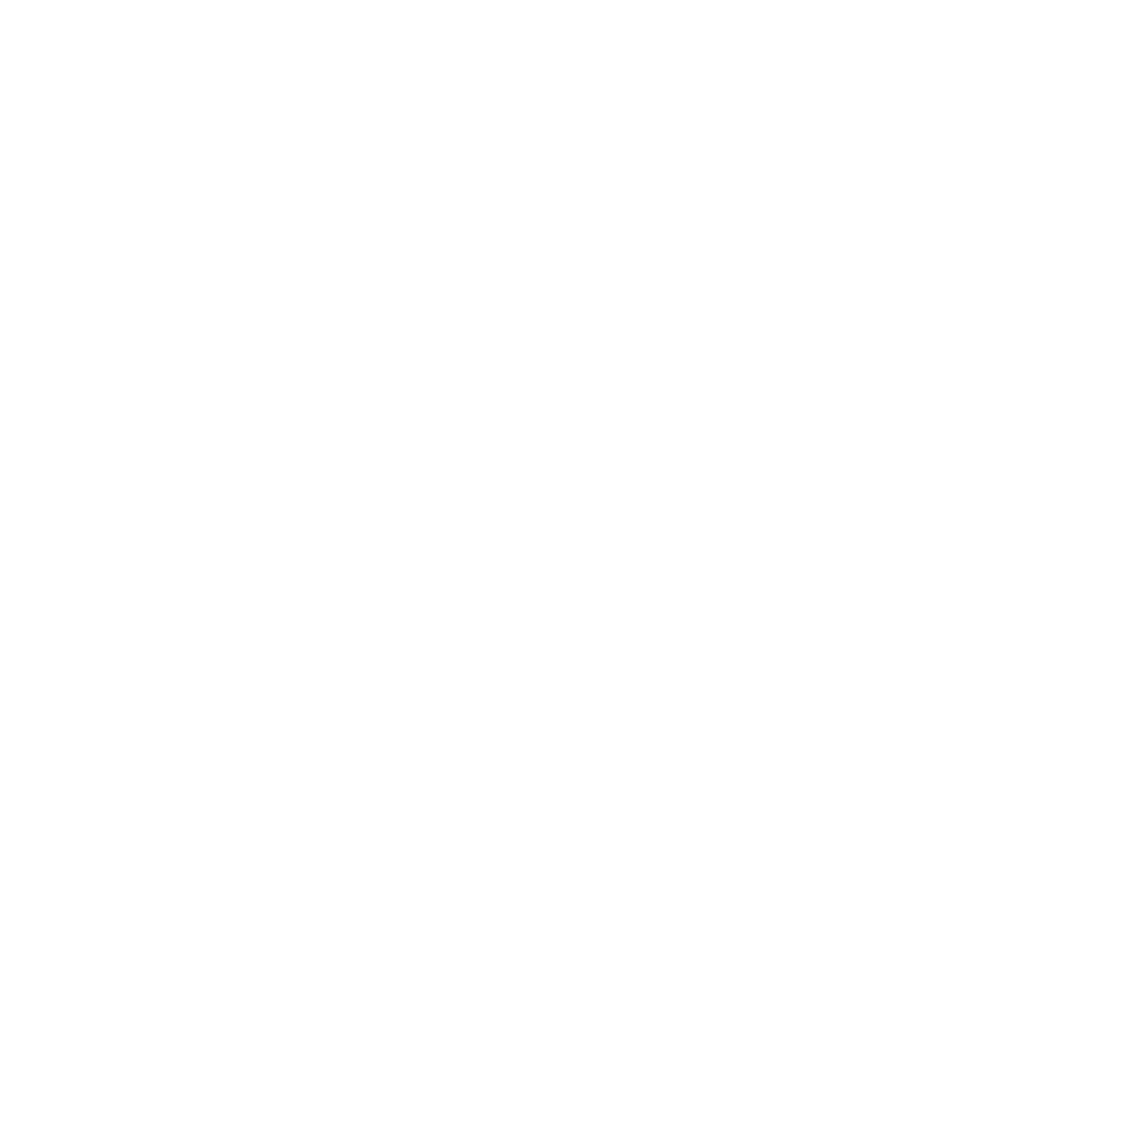 急募✔️ 11月12日 カラーモデル 無料